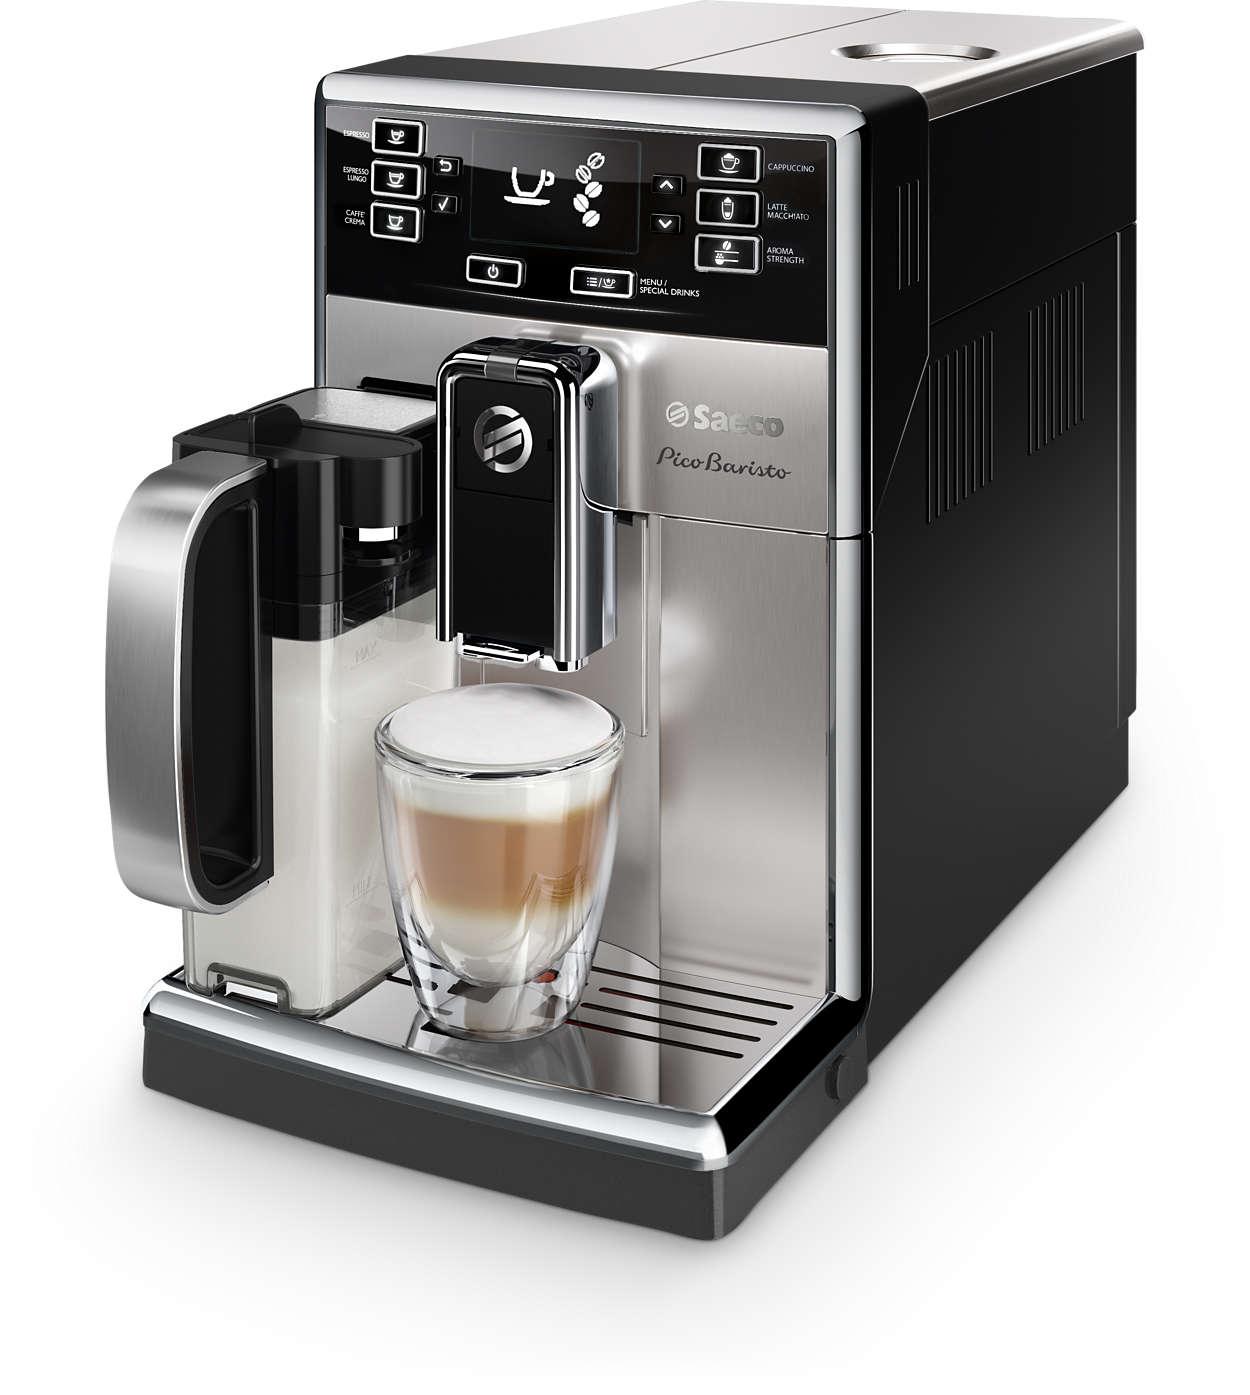 La machine compacte offrant la plus grande variété